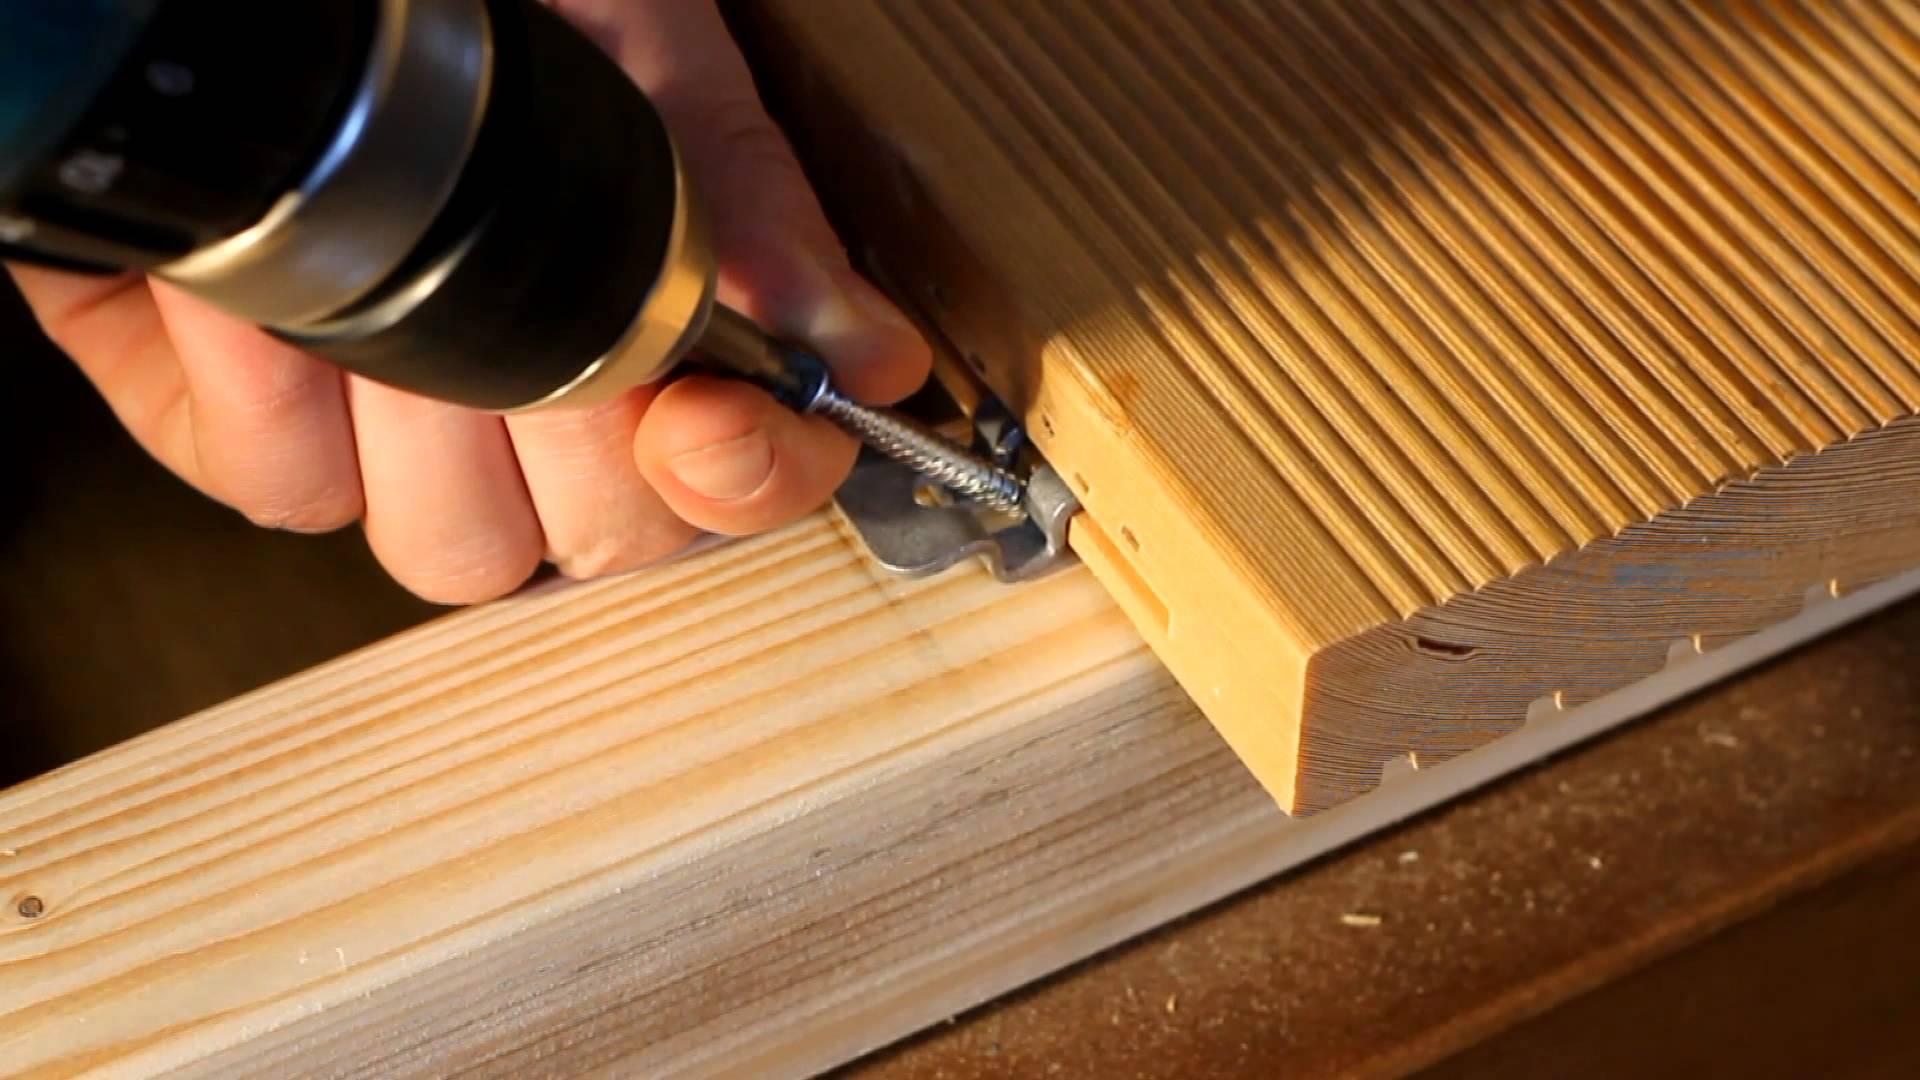 Сорта террасной доски из лиственницы: как укладывать, чем обработать +видео